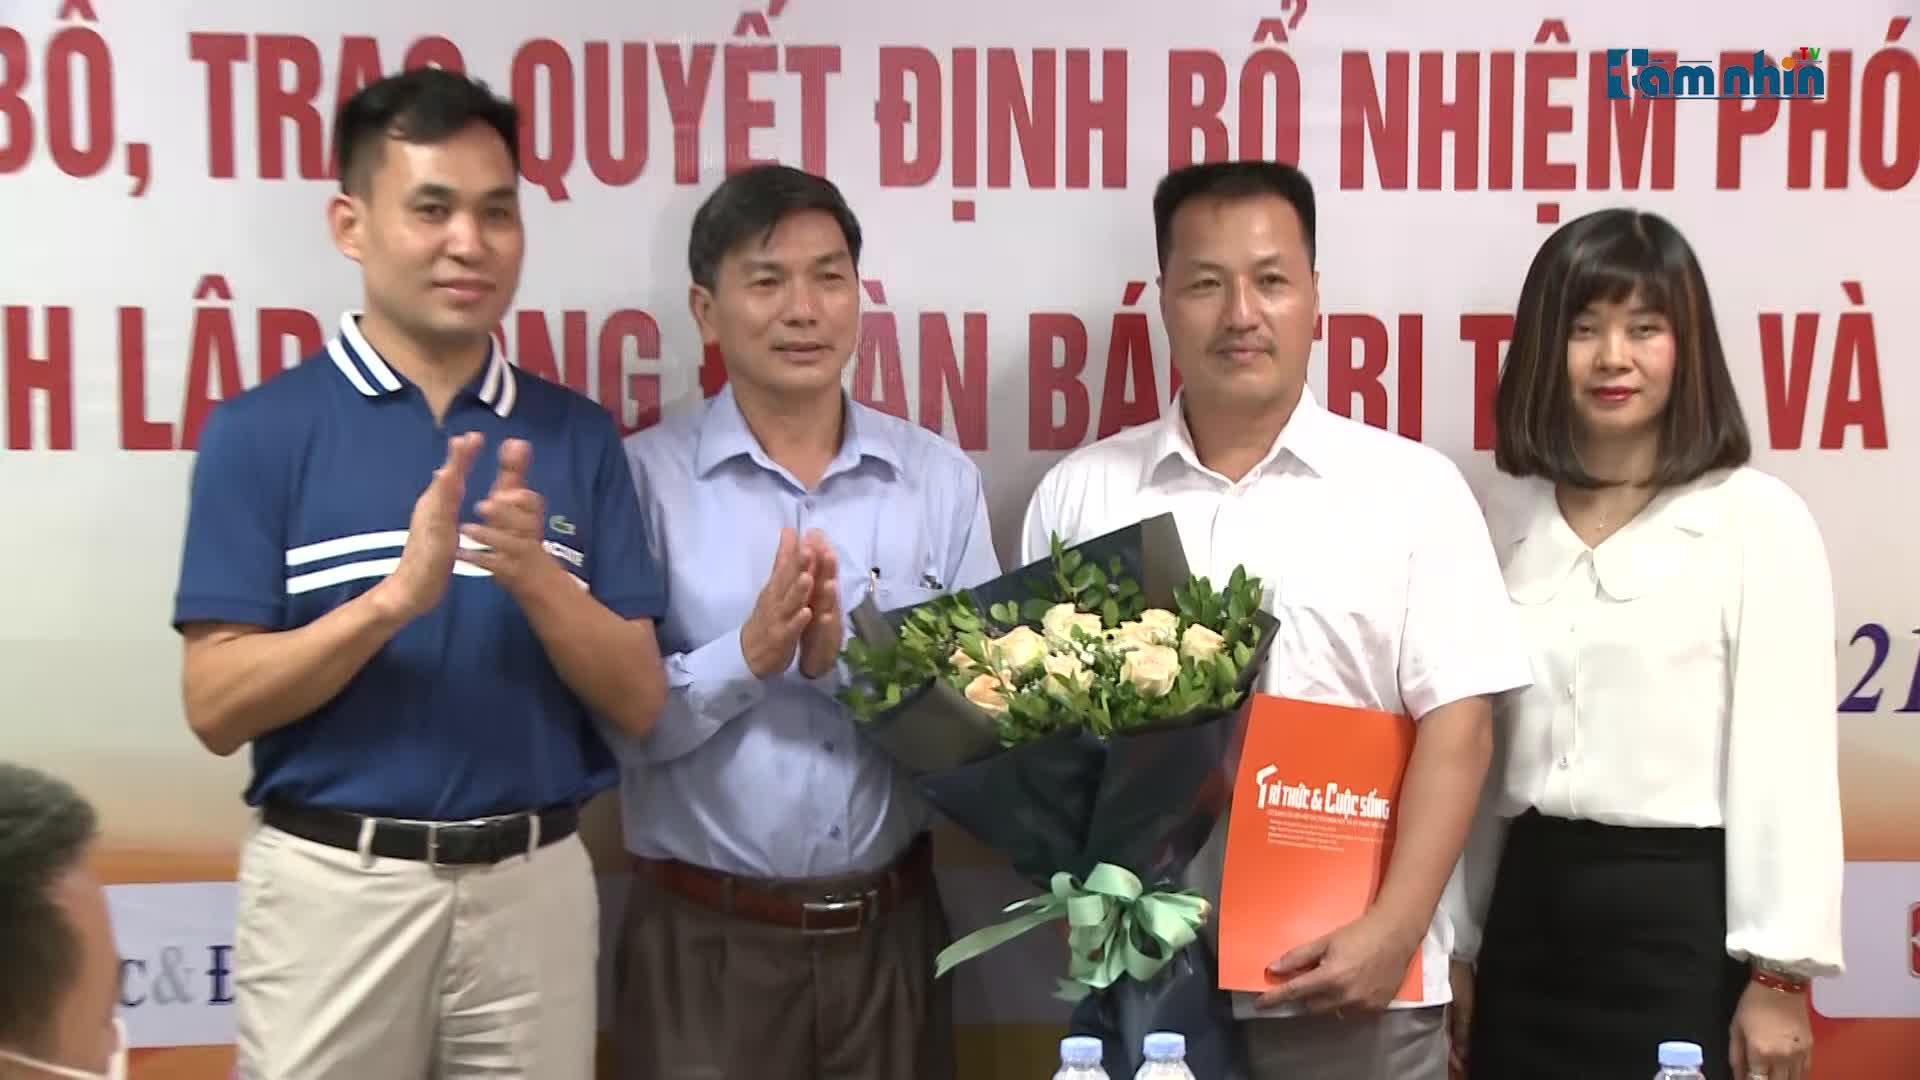 Nhà báo Nguyễn Danh Châu làm Phó Tổng biên tập báo Tri thức và Cuộc sống